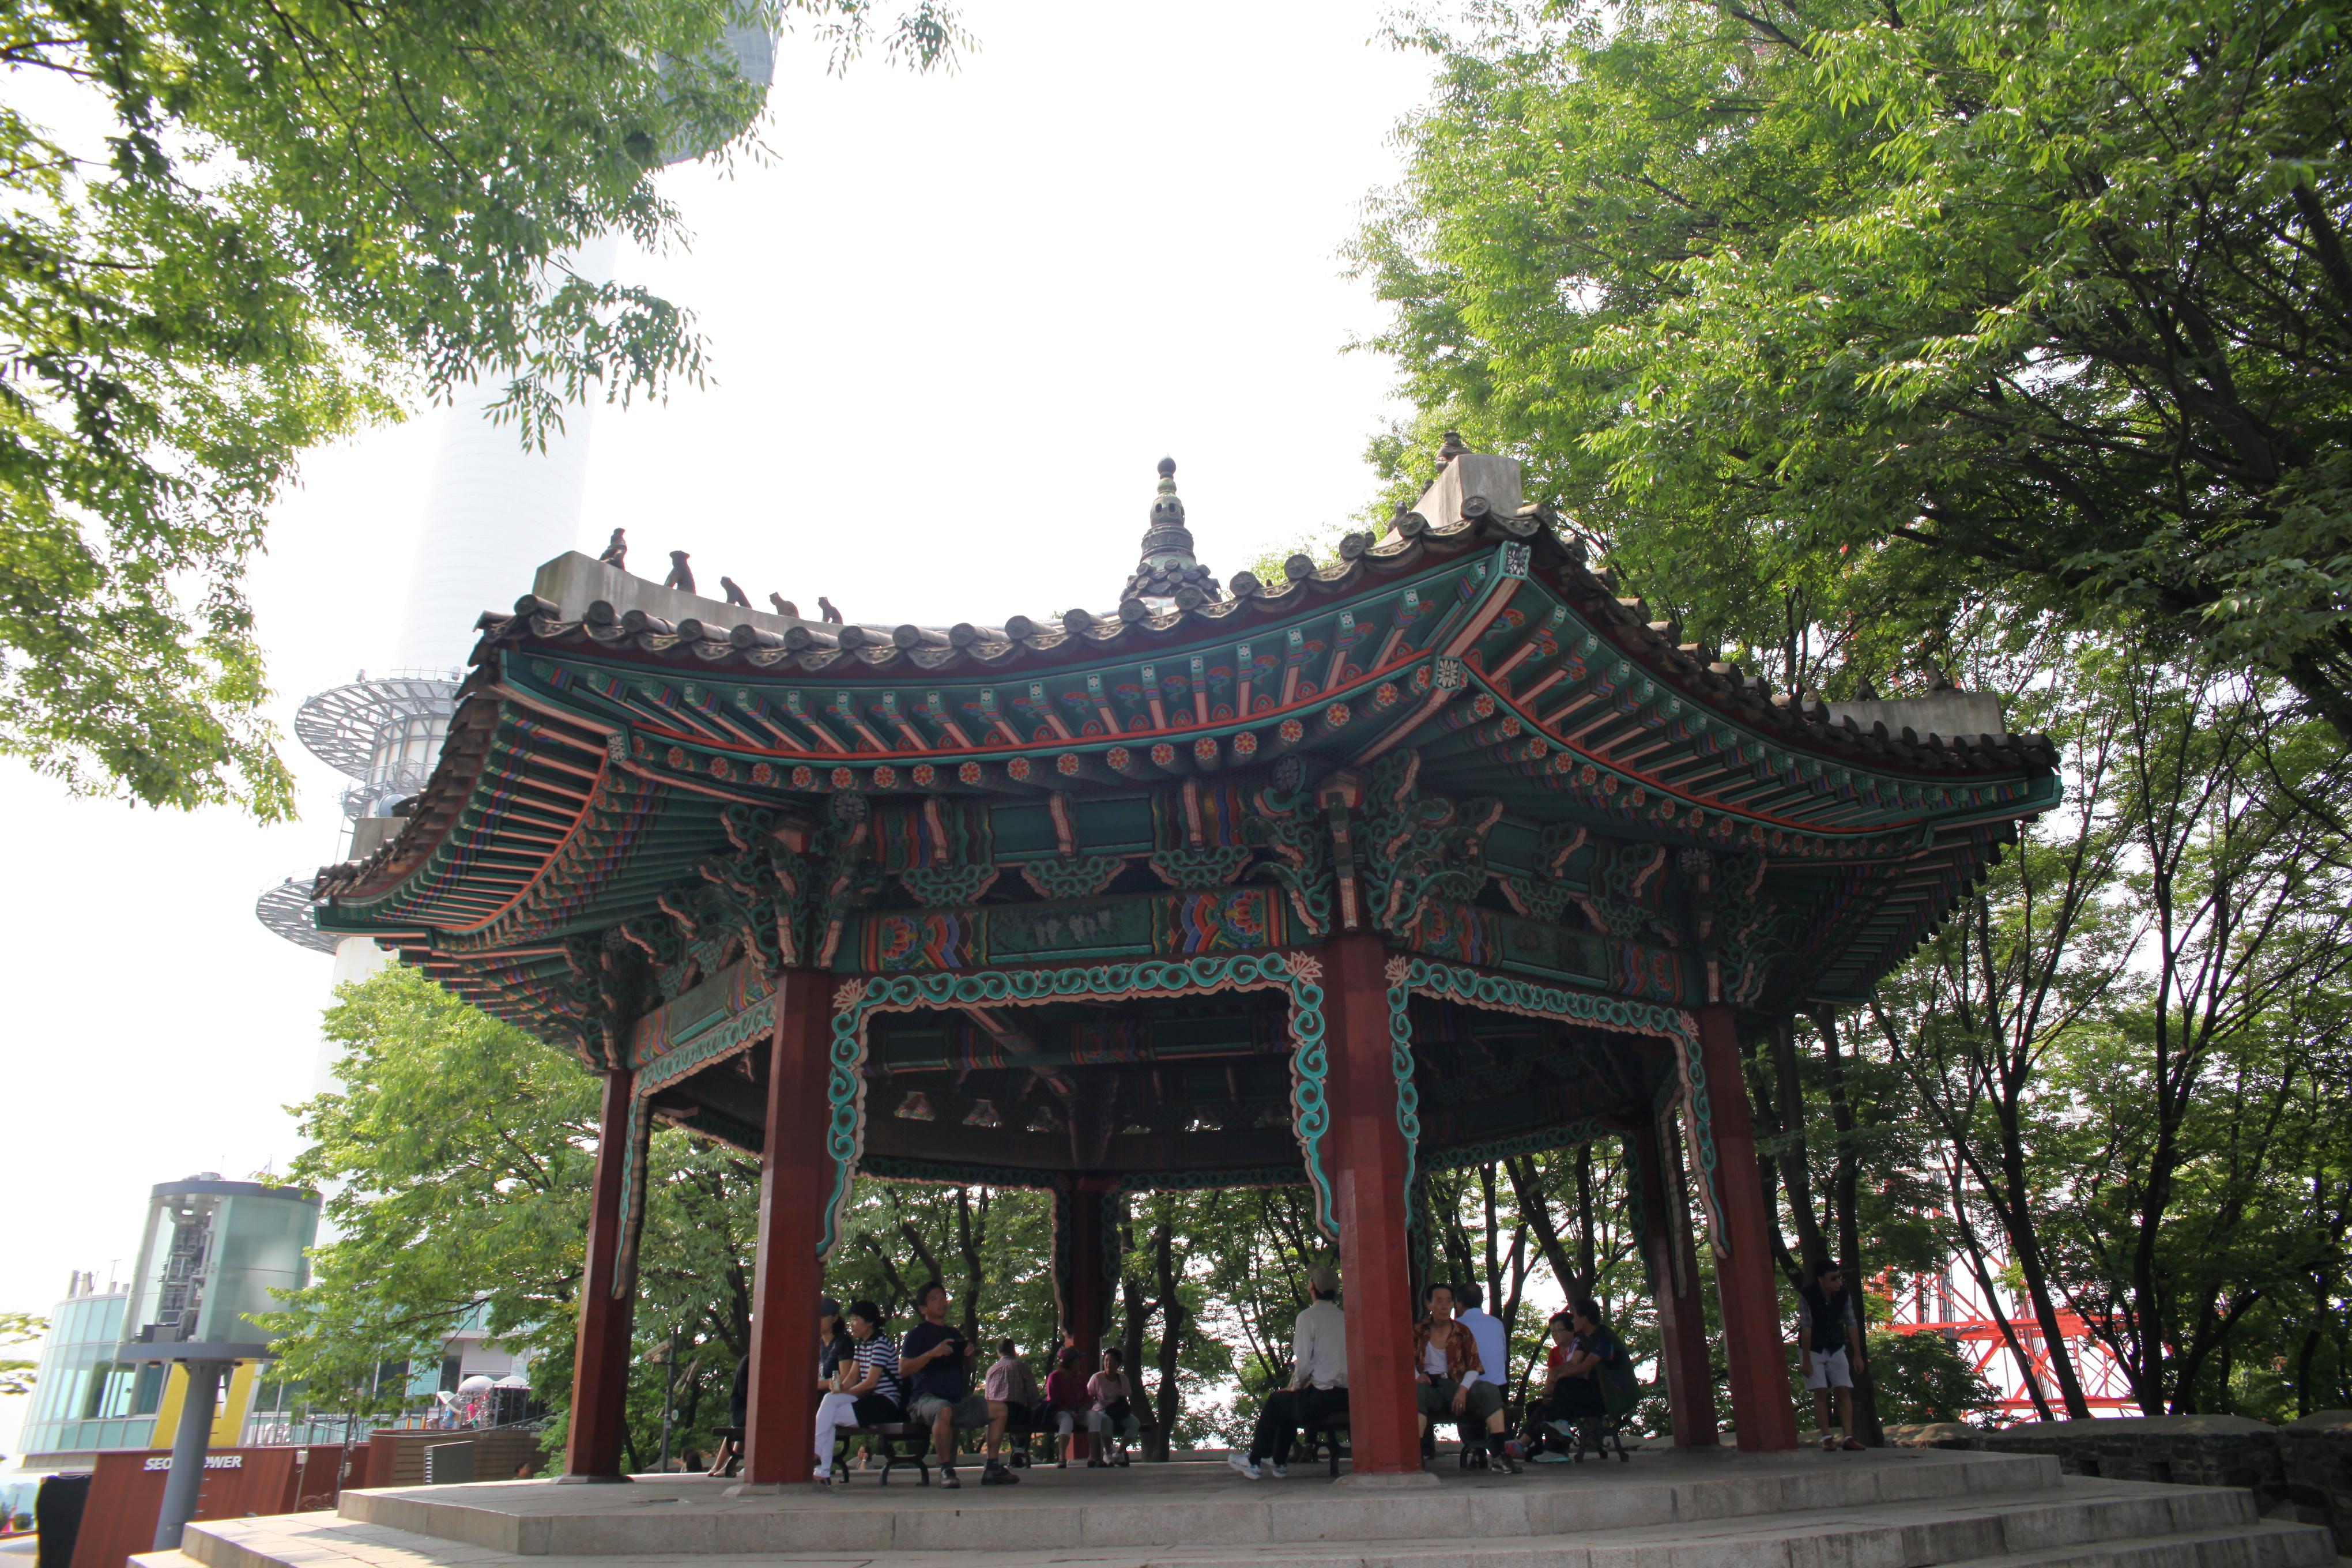 【携程攻略】首尔南山公园景点